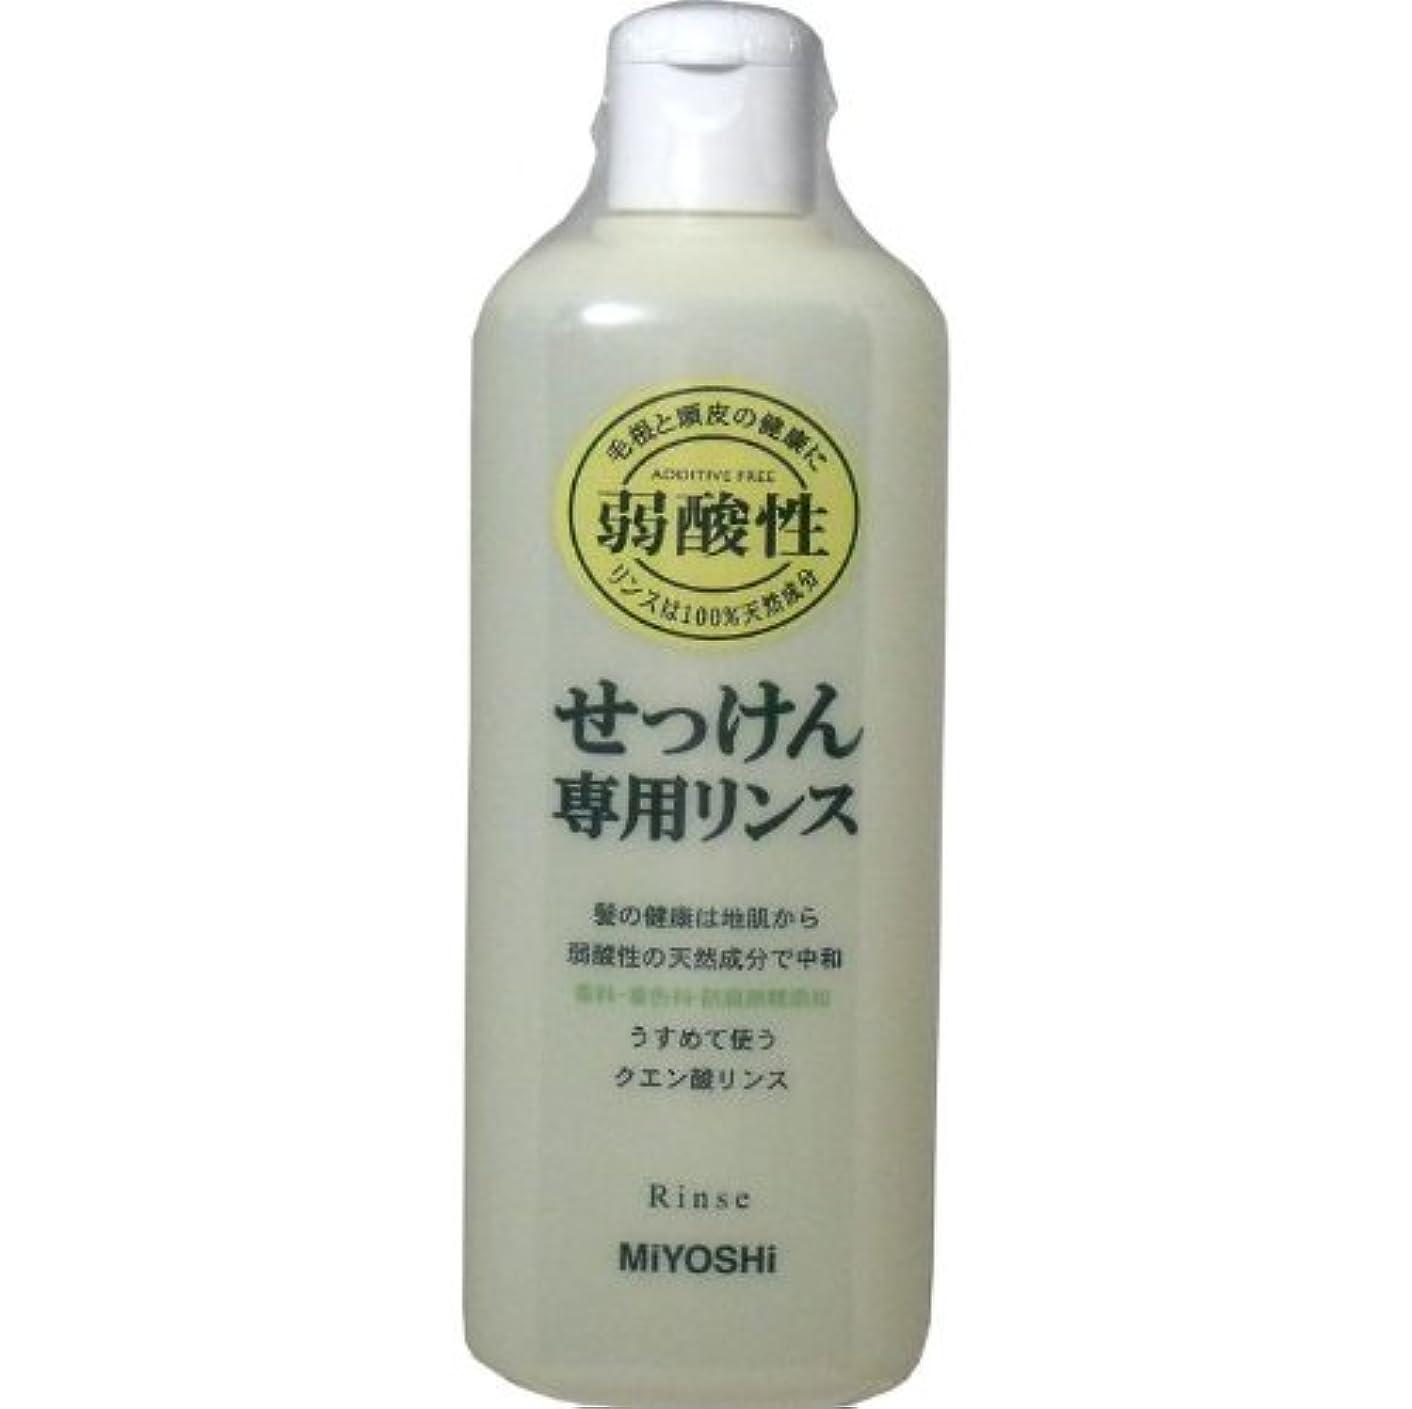 活発スピーカーブラウズ髪の健康は地肌から、弱酸性の天然成分で中和!!香料、防腐剤、着色料無添加!うすめて使うクエン酸リンス!リンス 350mL【5個セット】